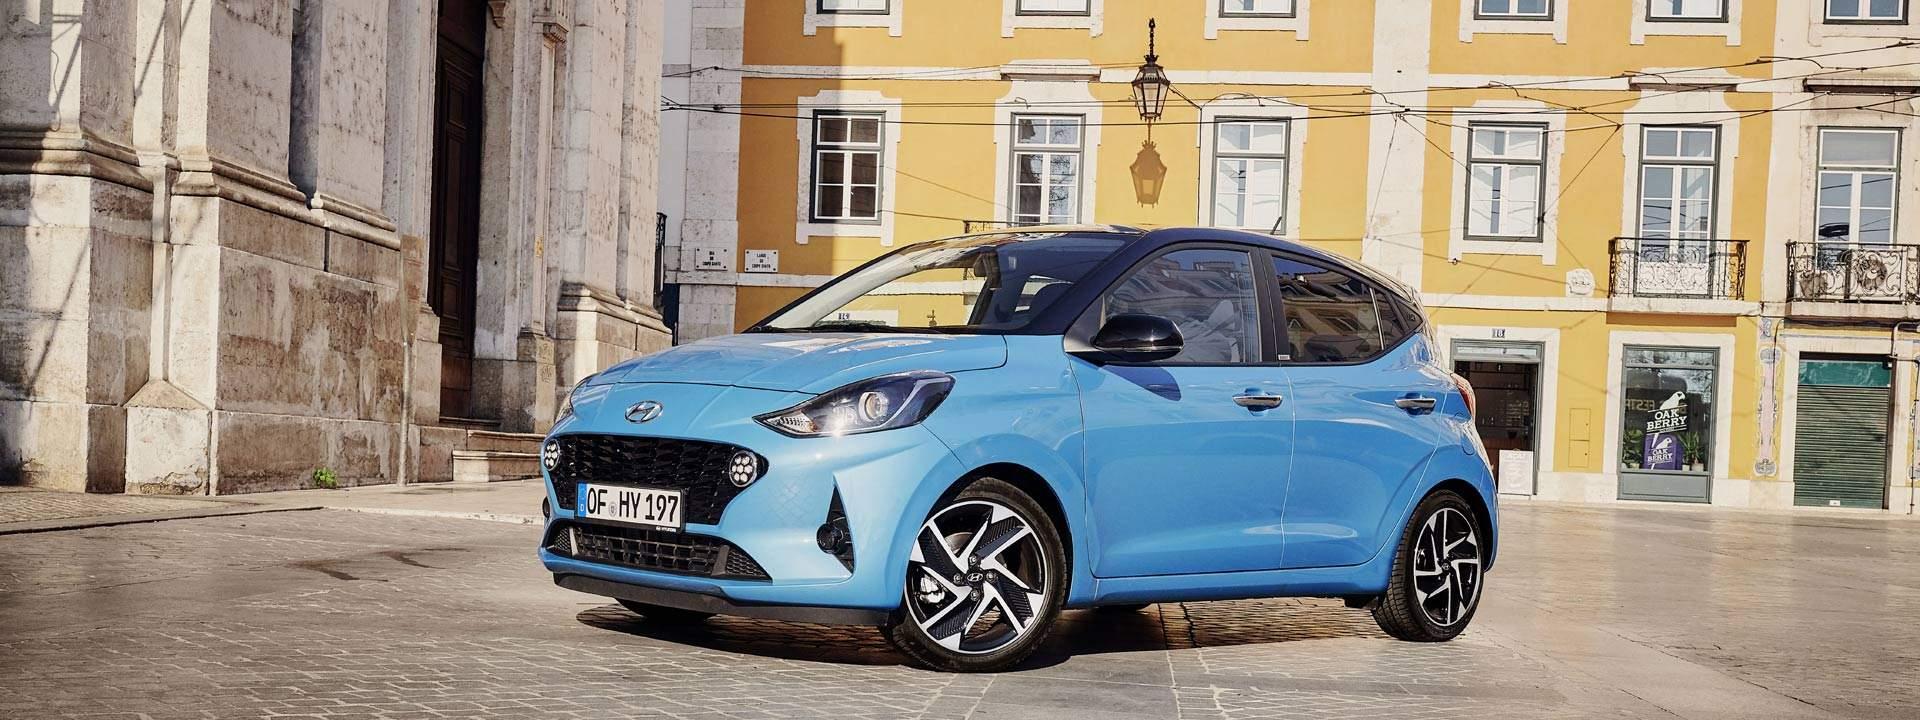 Hyundai Auto Bild Klassensieg